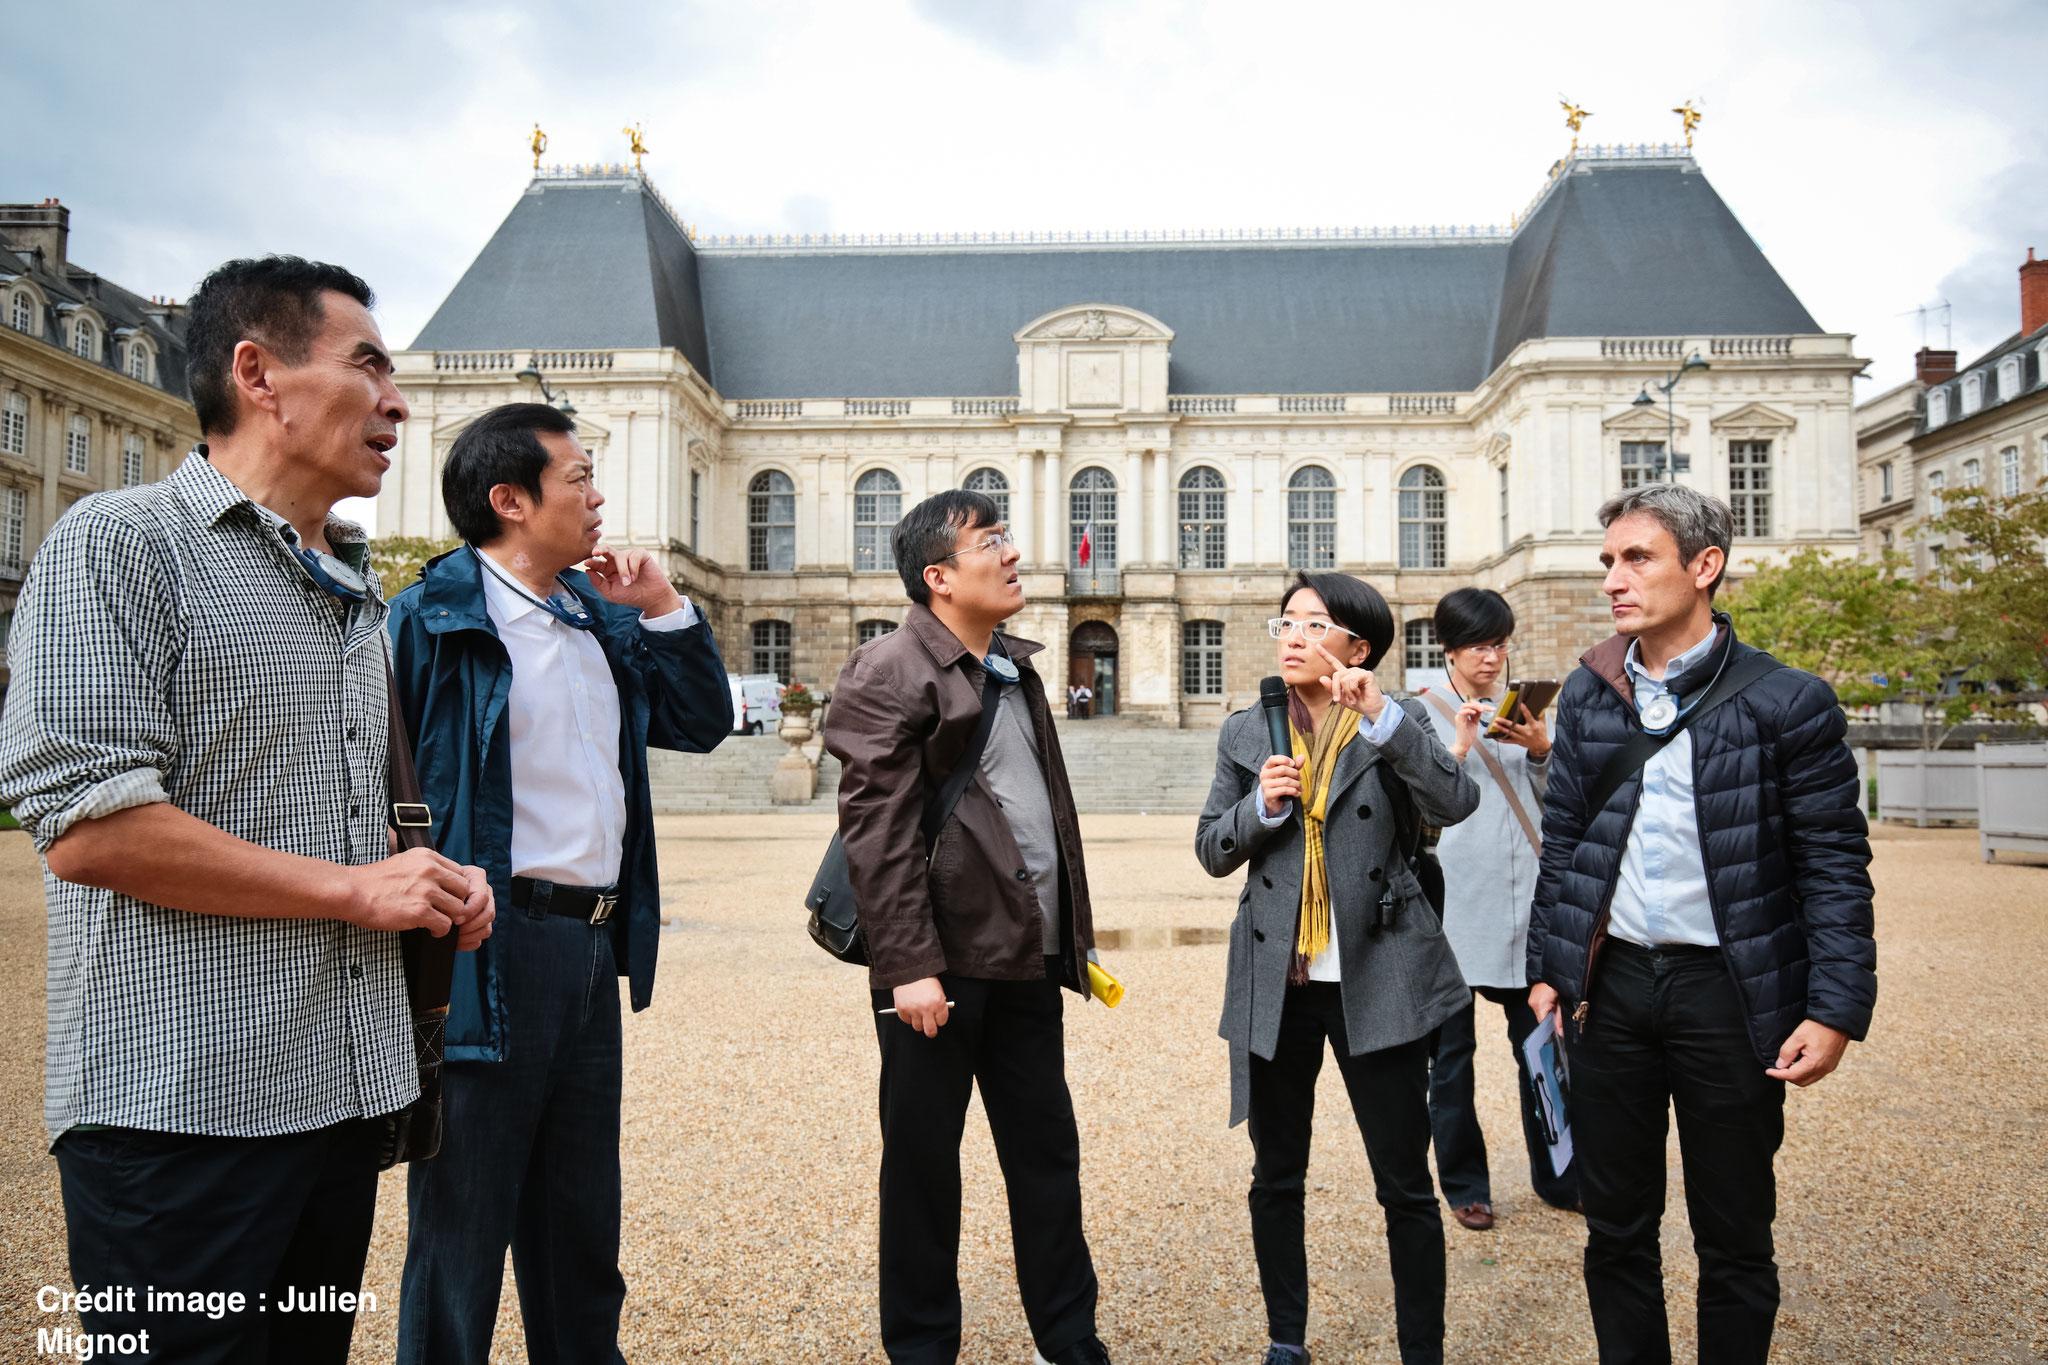 Délégation d'urbanistes chinois à Rennes - Parlement de Bretagne